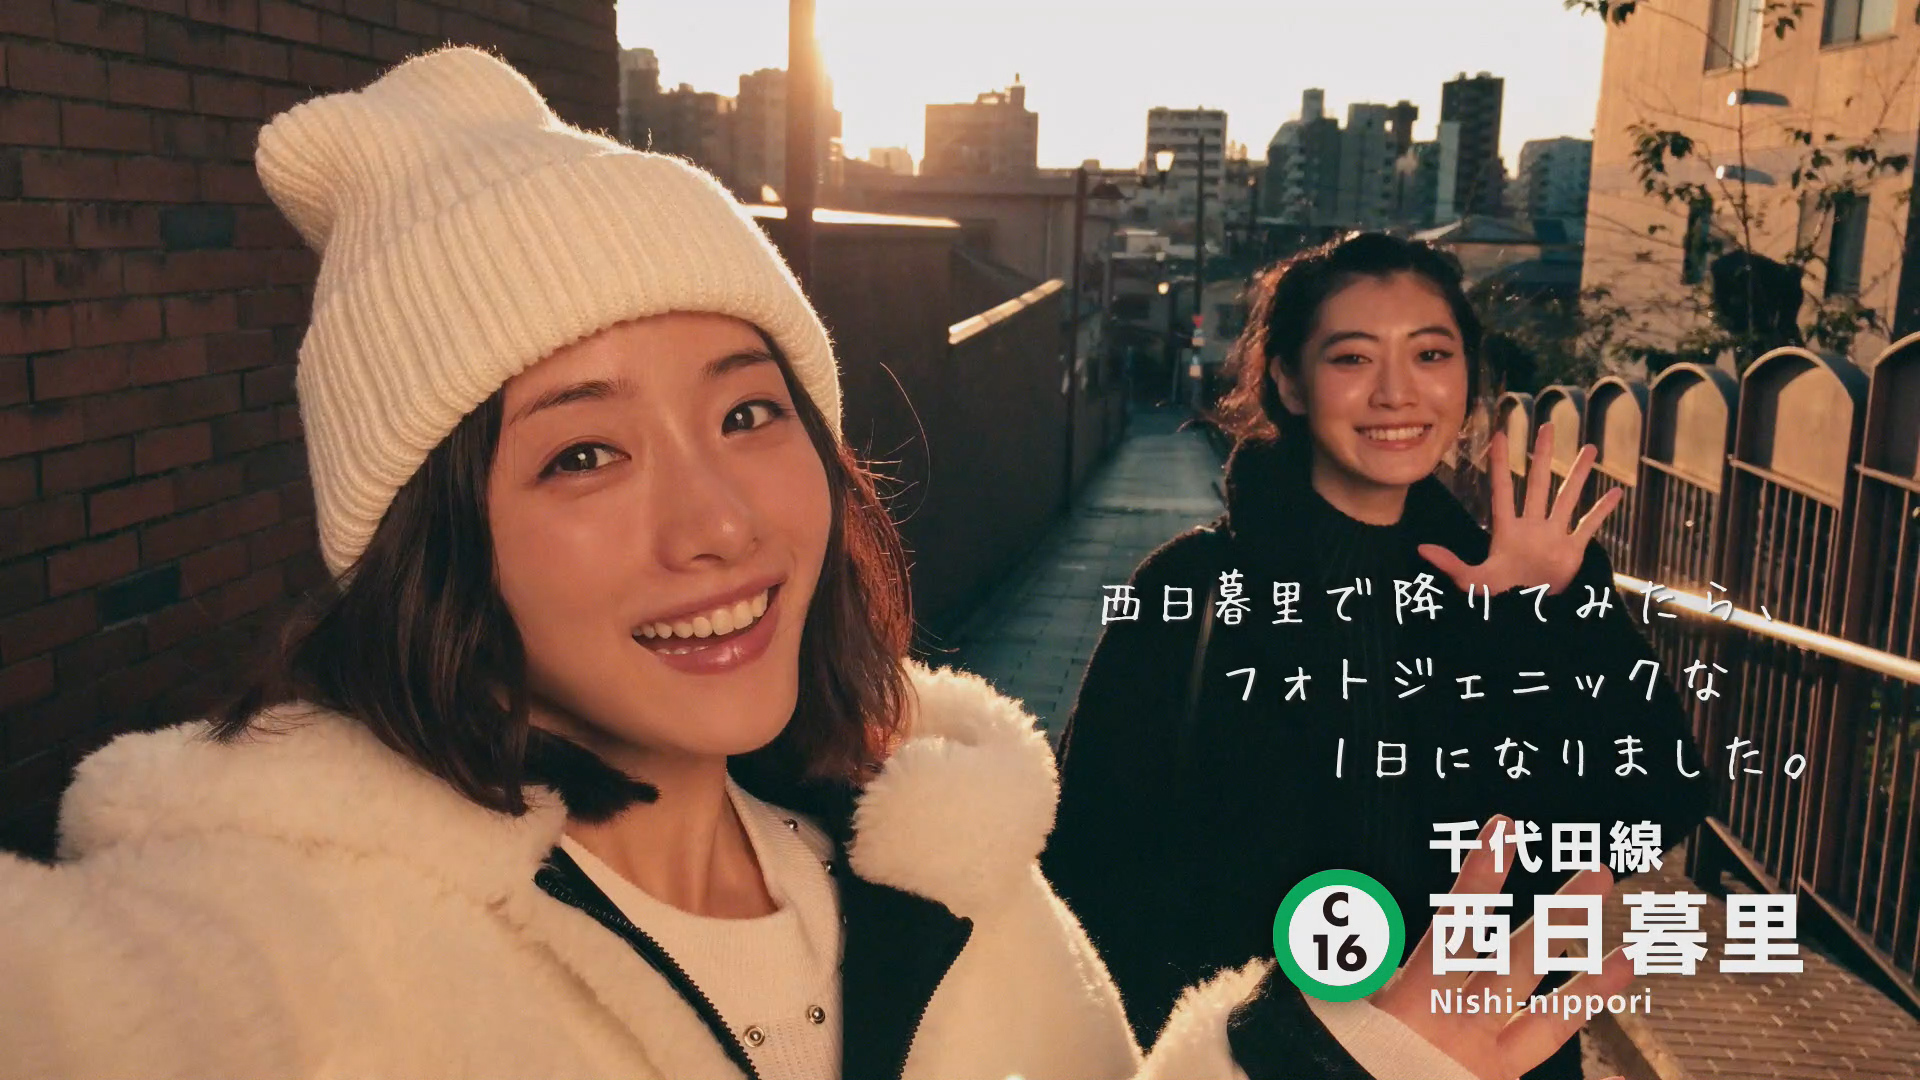 Find my Tokyo.」CMシリーズ新作「西日暮里 フォトジェニックな1日」篇